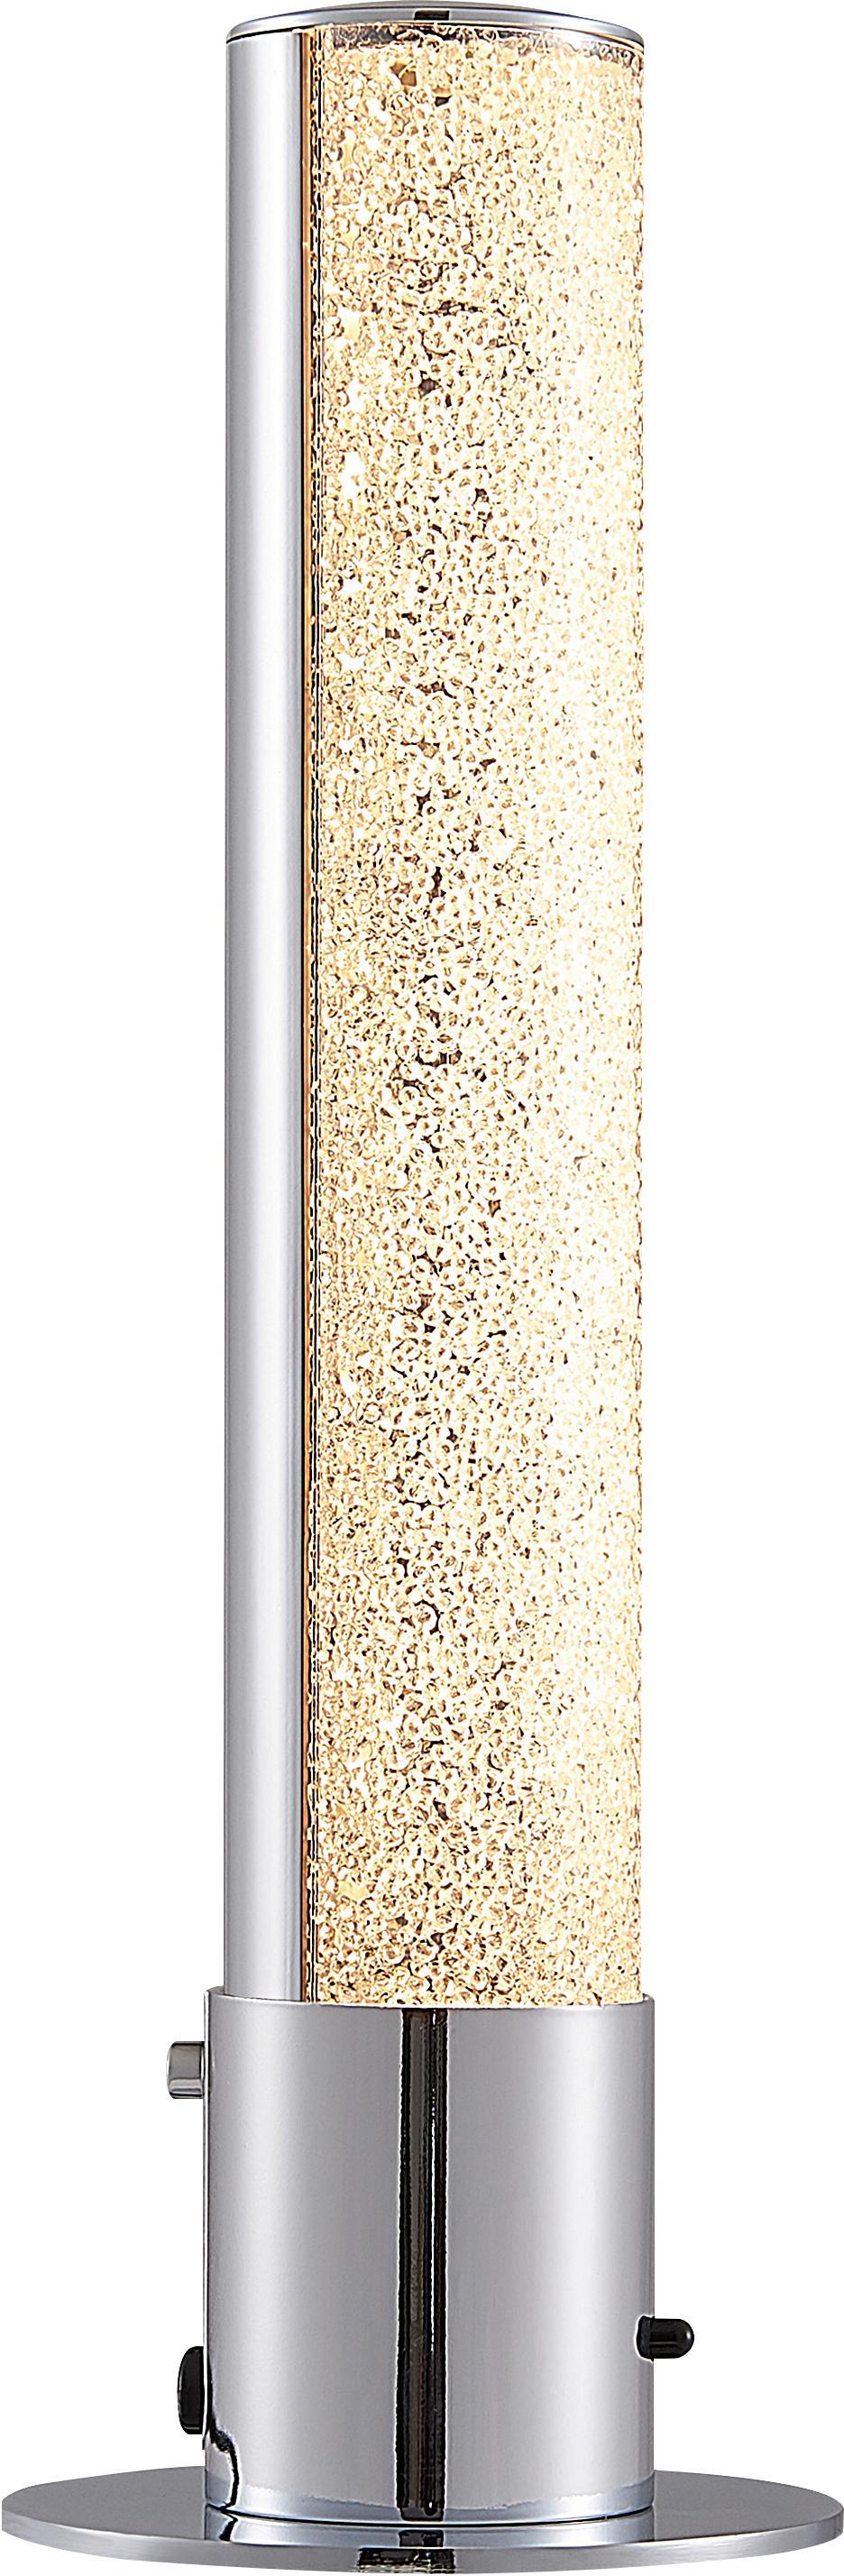 Nino Leuchten LED Tischleuchte LUGO